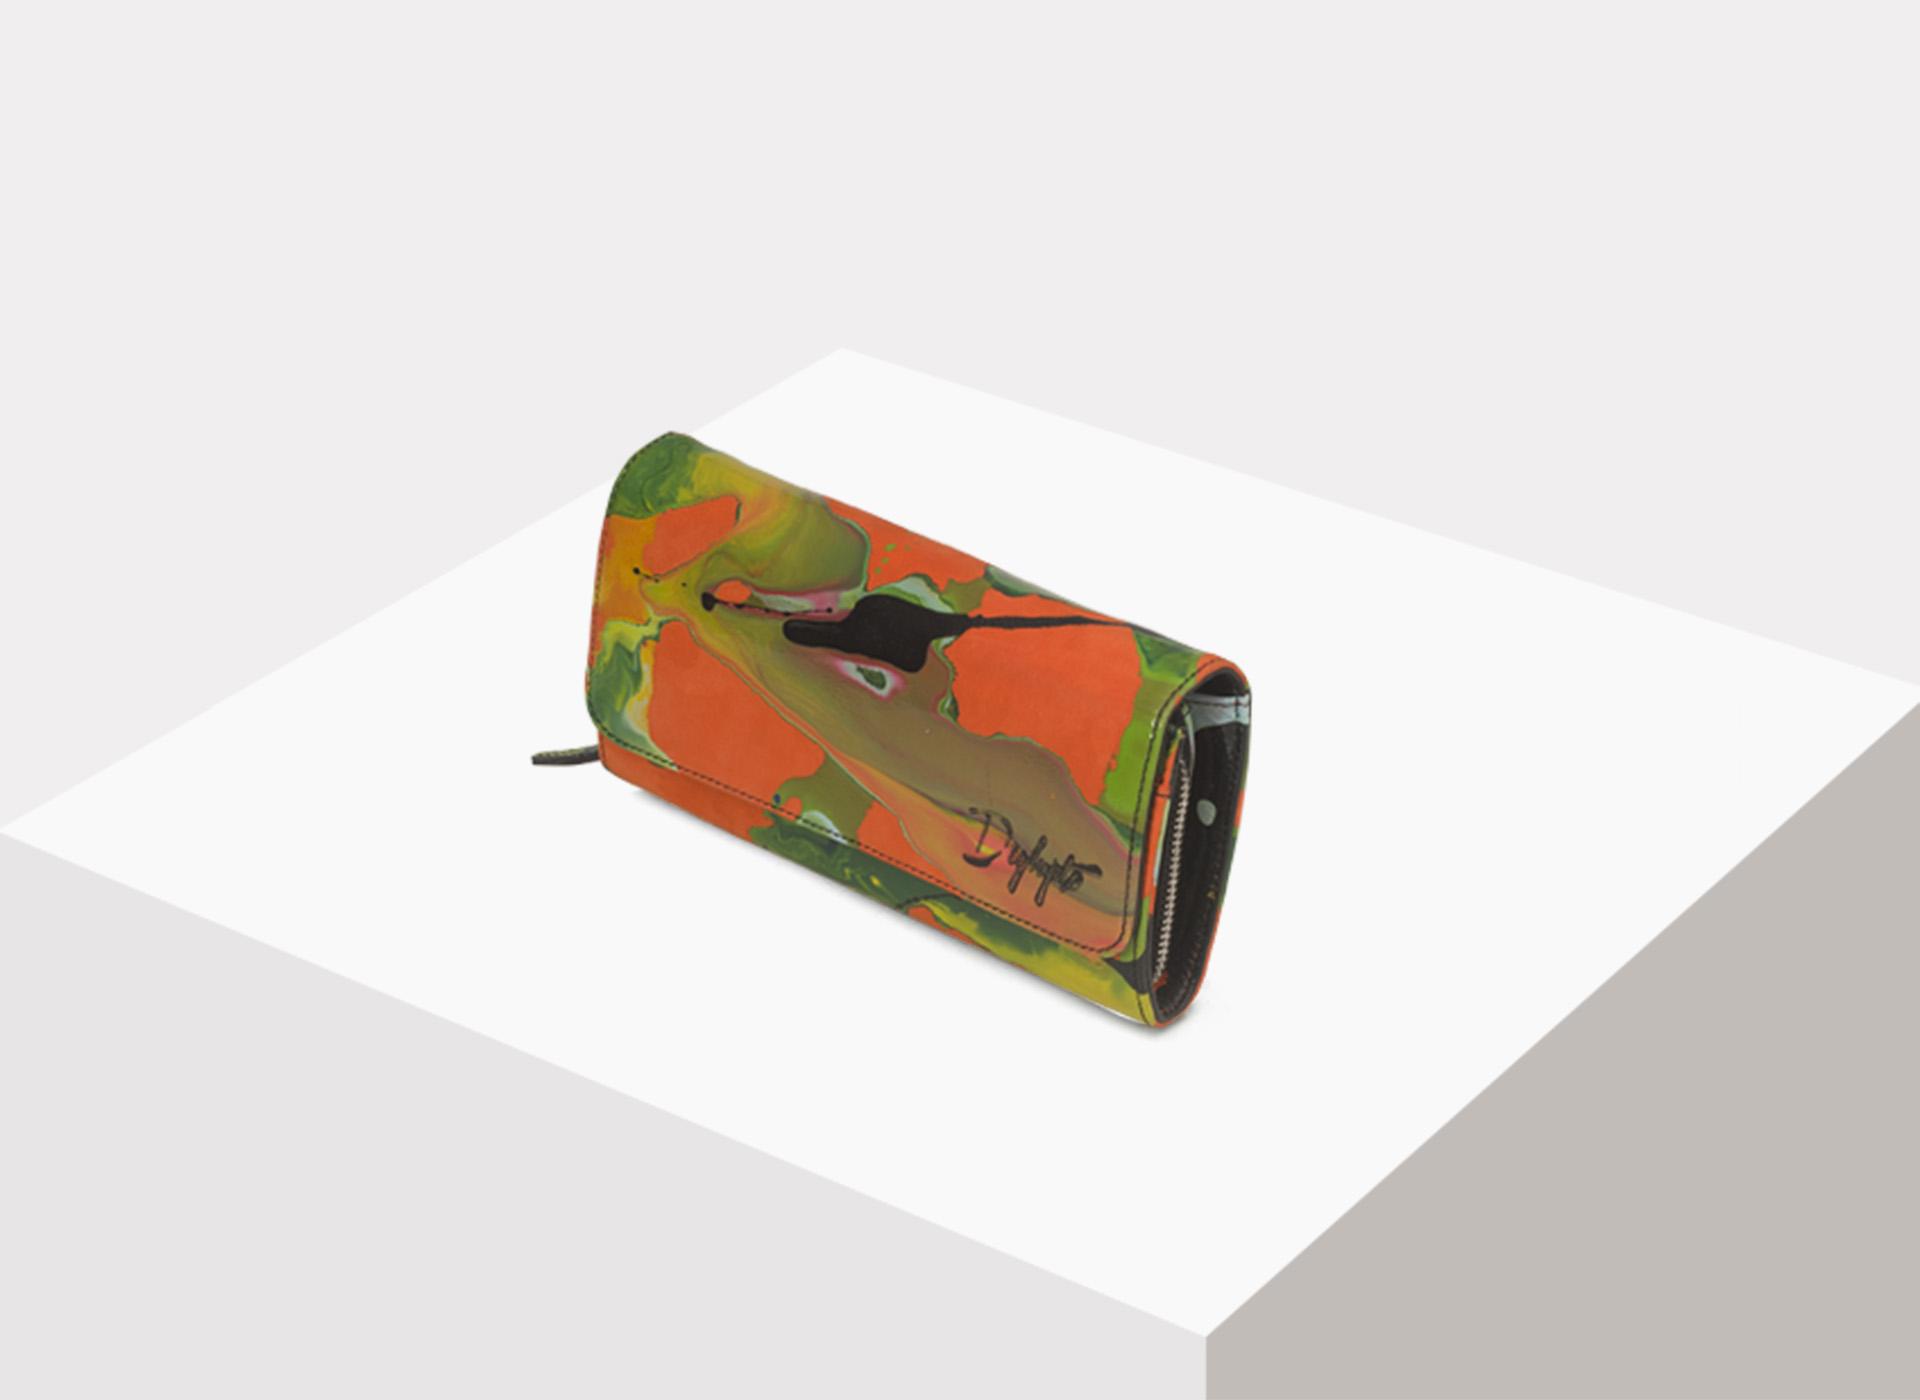 Palma 50160087-1 - Deglupta